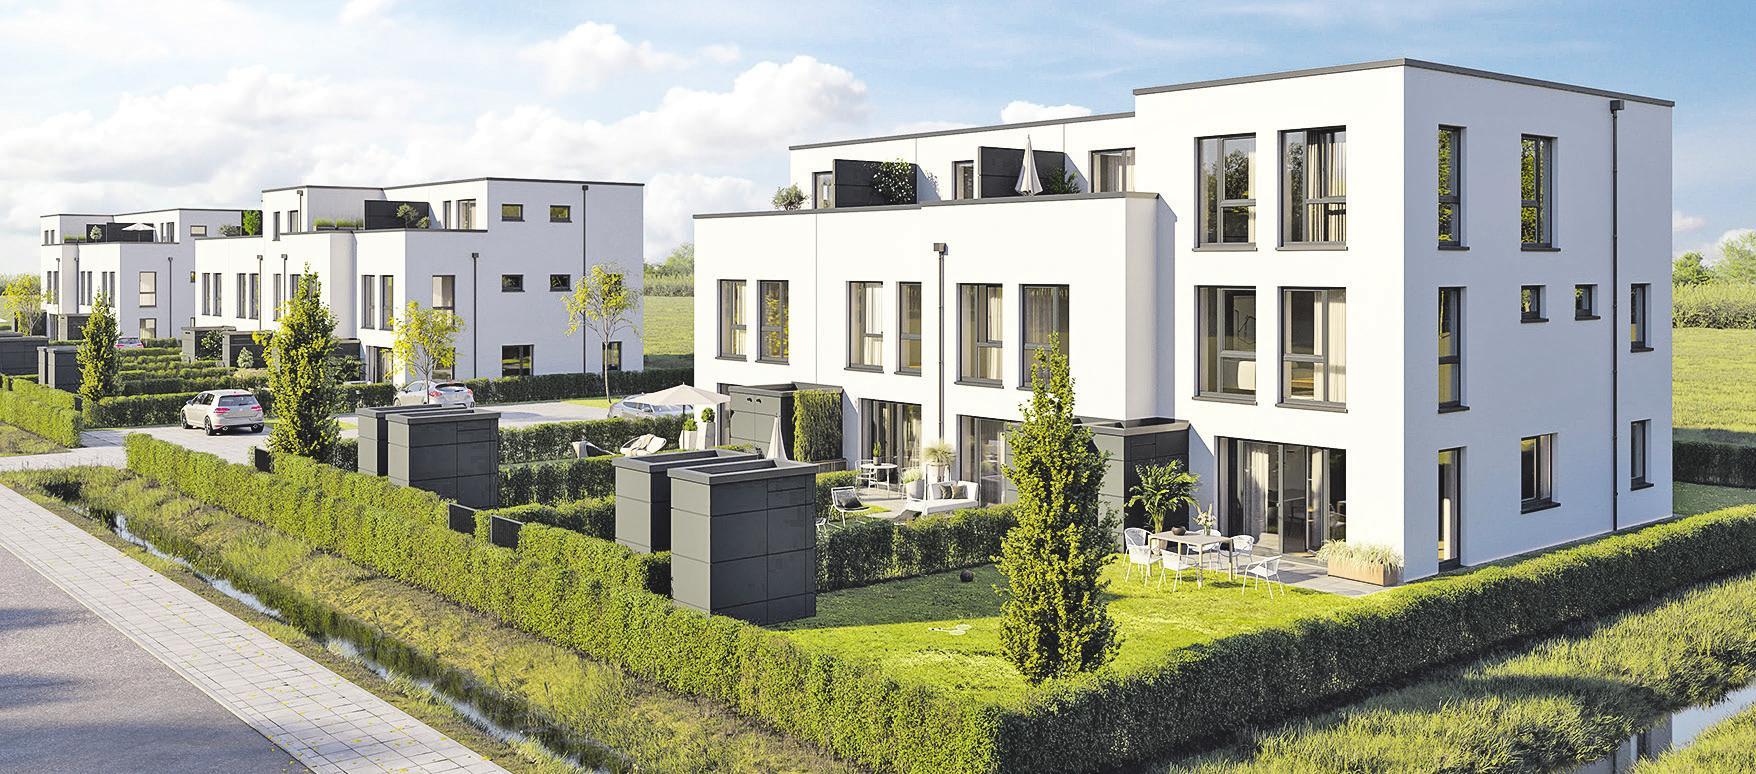 """Ein eigener Garten mit Südausrichtung und lichtverwöhnte Wohnräume: Mit dem Ensemble """"Storchenwiese II"""" entsteht junges, individuelles Wohneigentum"""